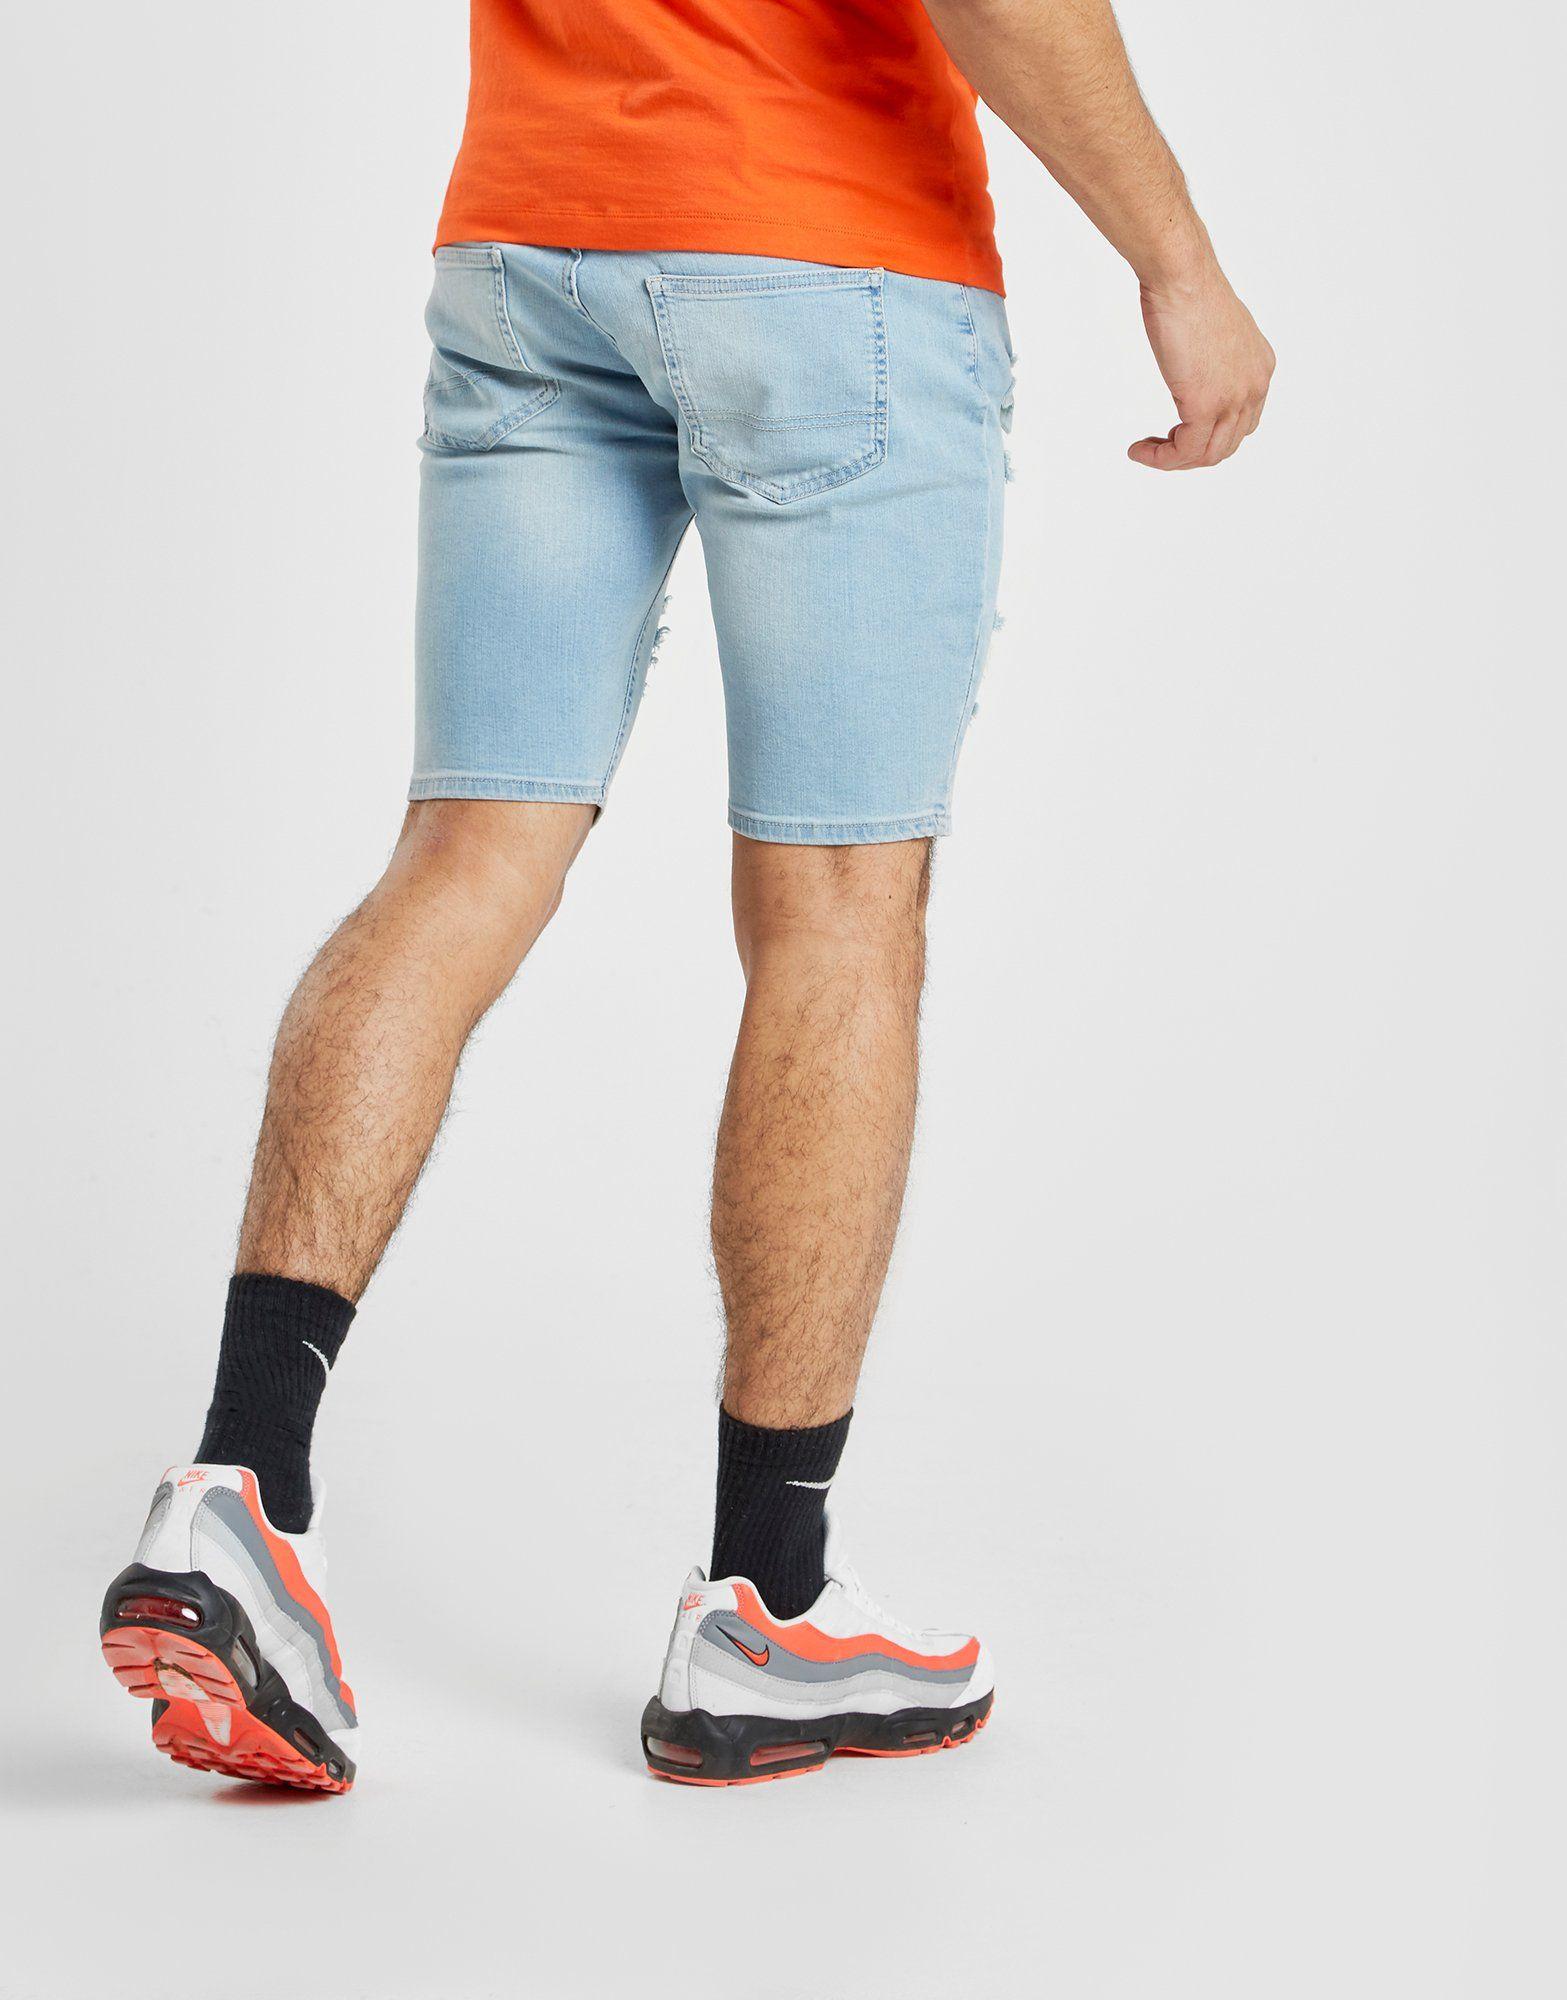 SikSilk Mid Denim Shorts Blau Am Besten Zu Verkaufen Rabatt Zahlen Mit Paypal DjIGr